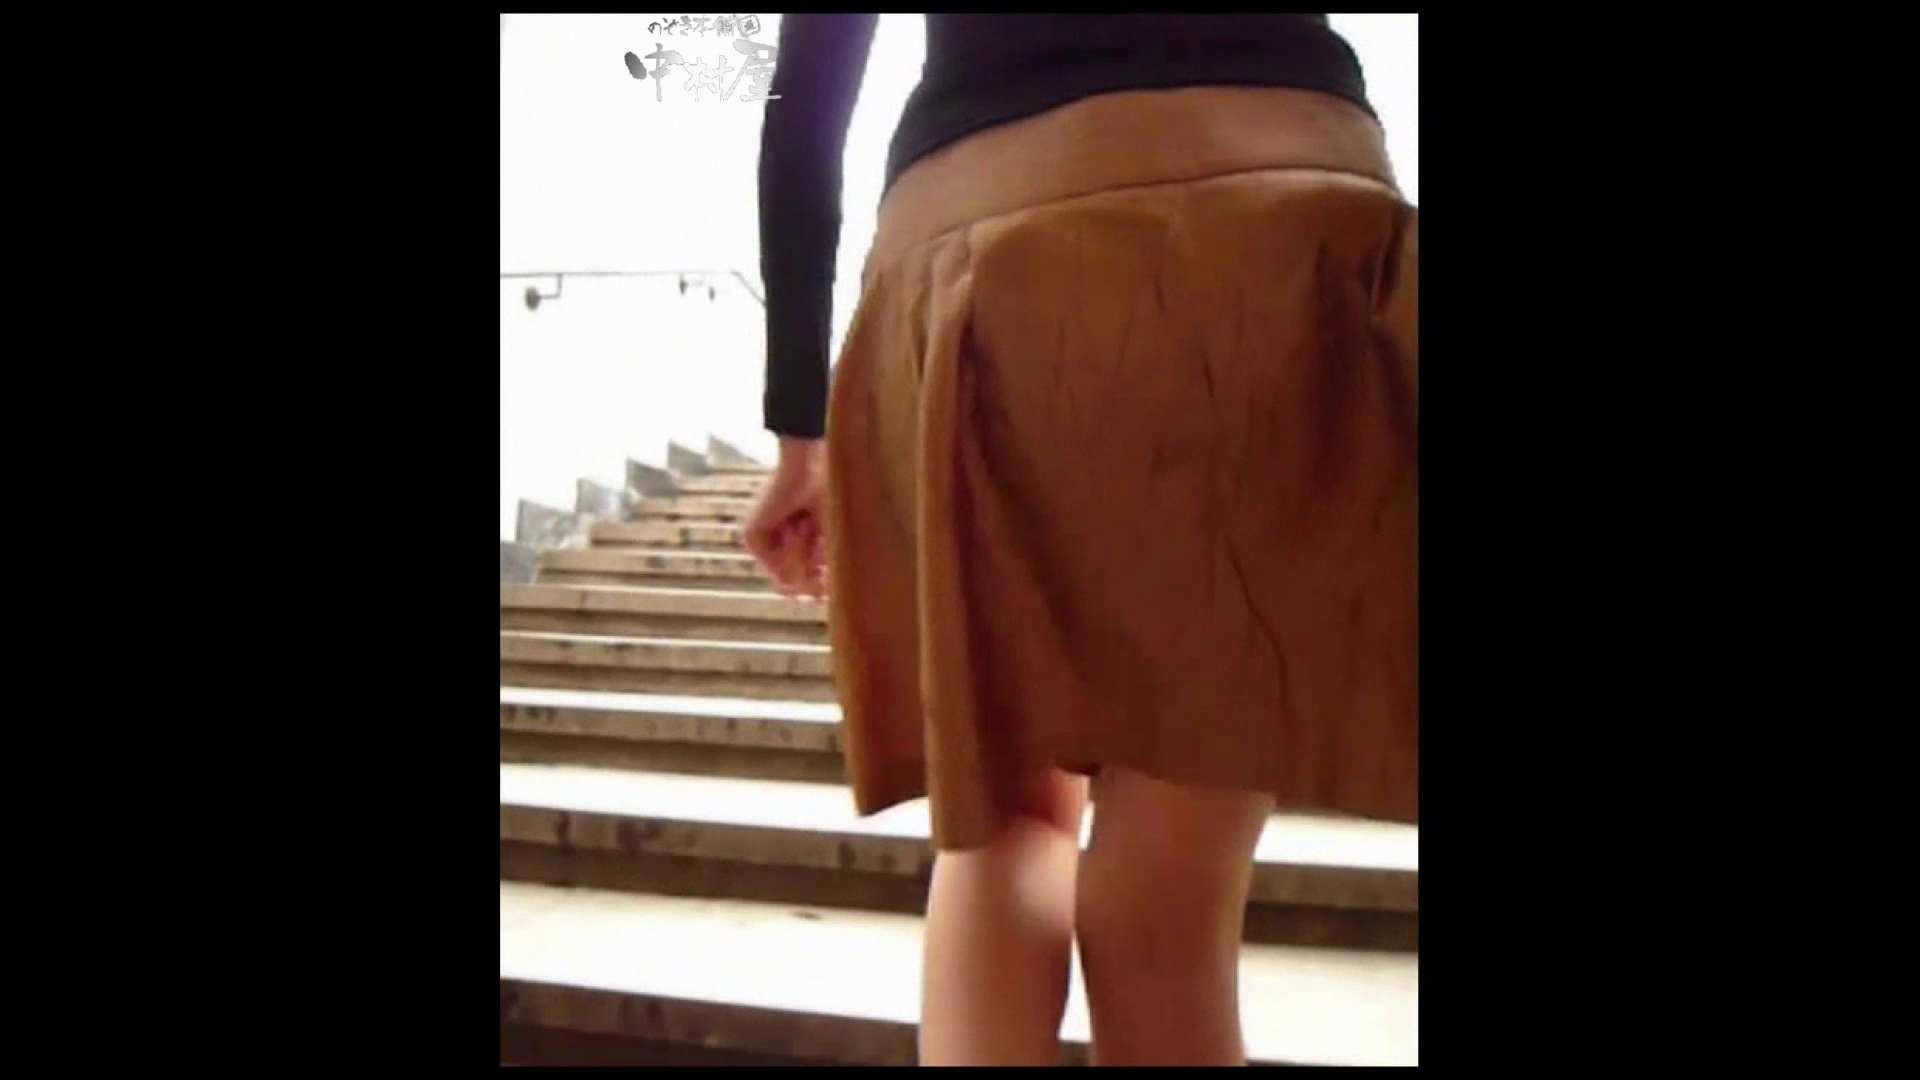 綺麗なモデルさんのスカート捲っちゃおう‼ vol29 0   0  68pic 15